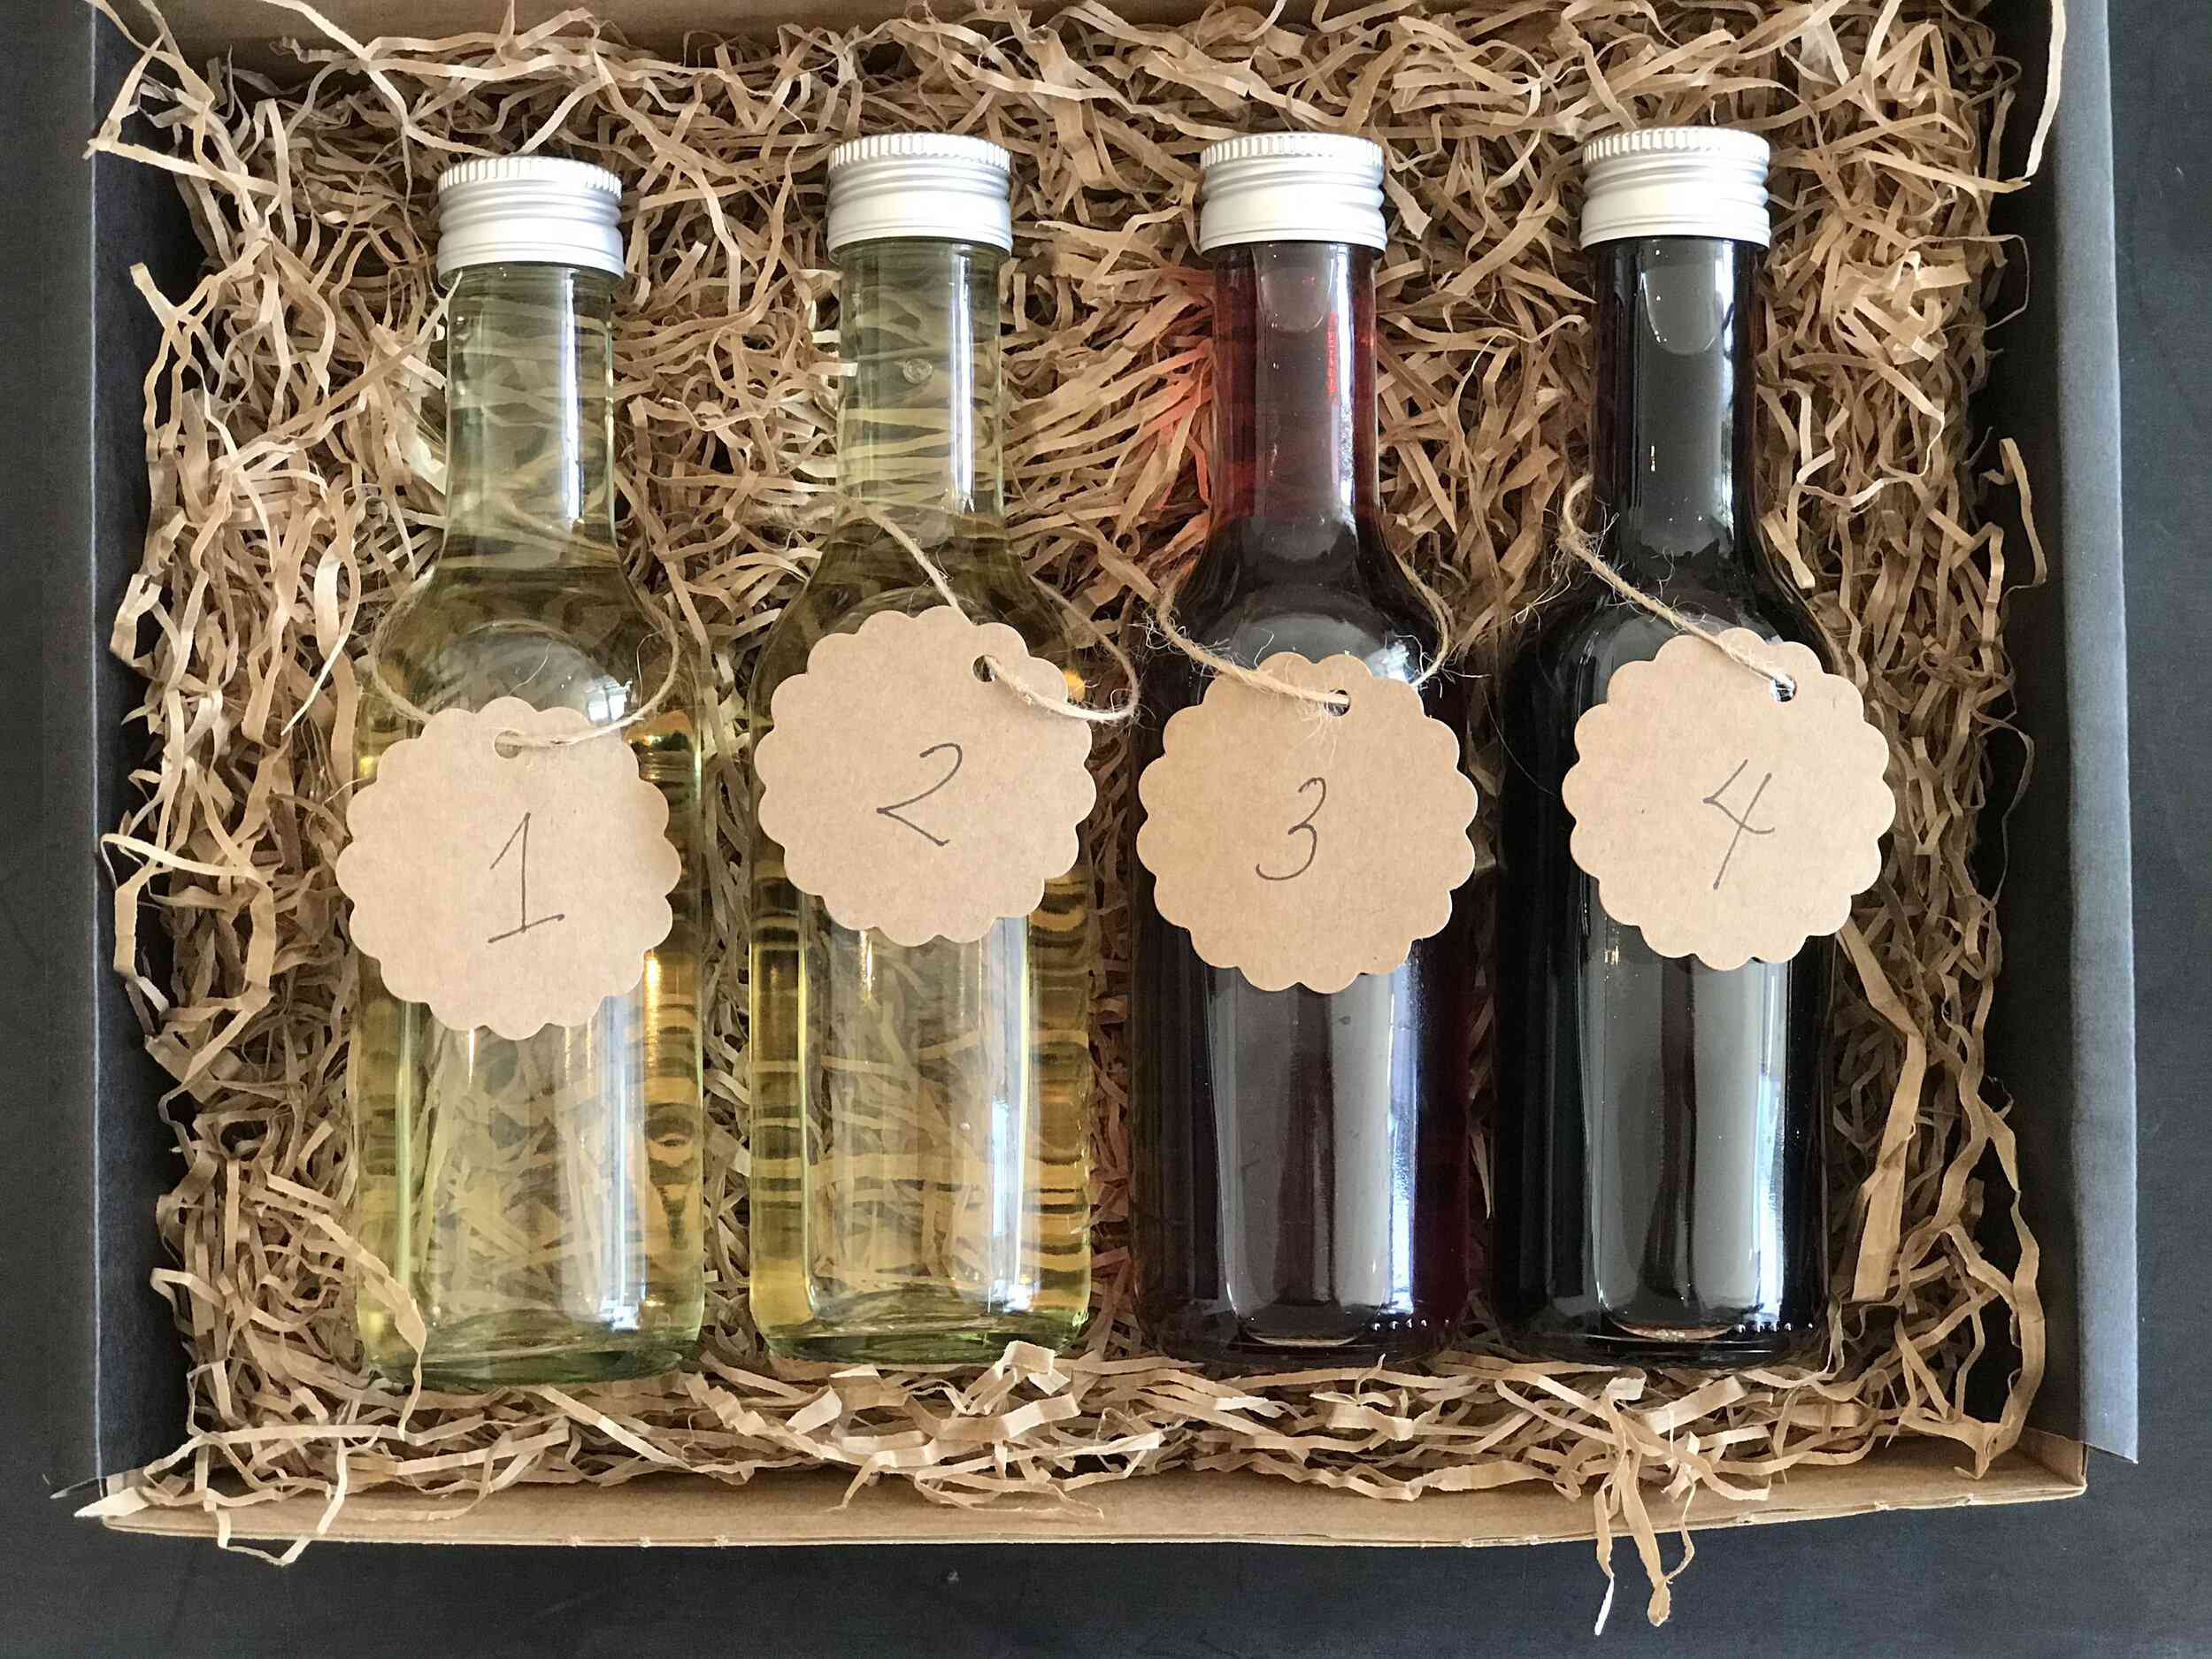 salut-wine-studio-blind-tasting-kit-beginners